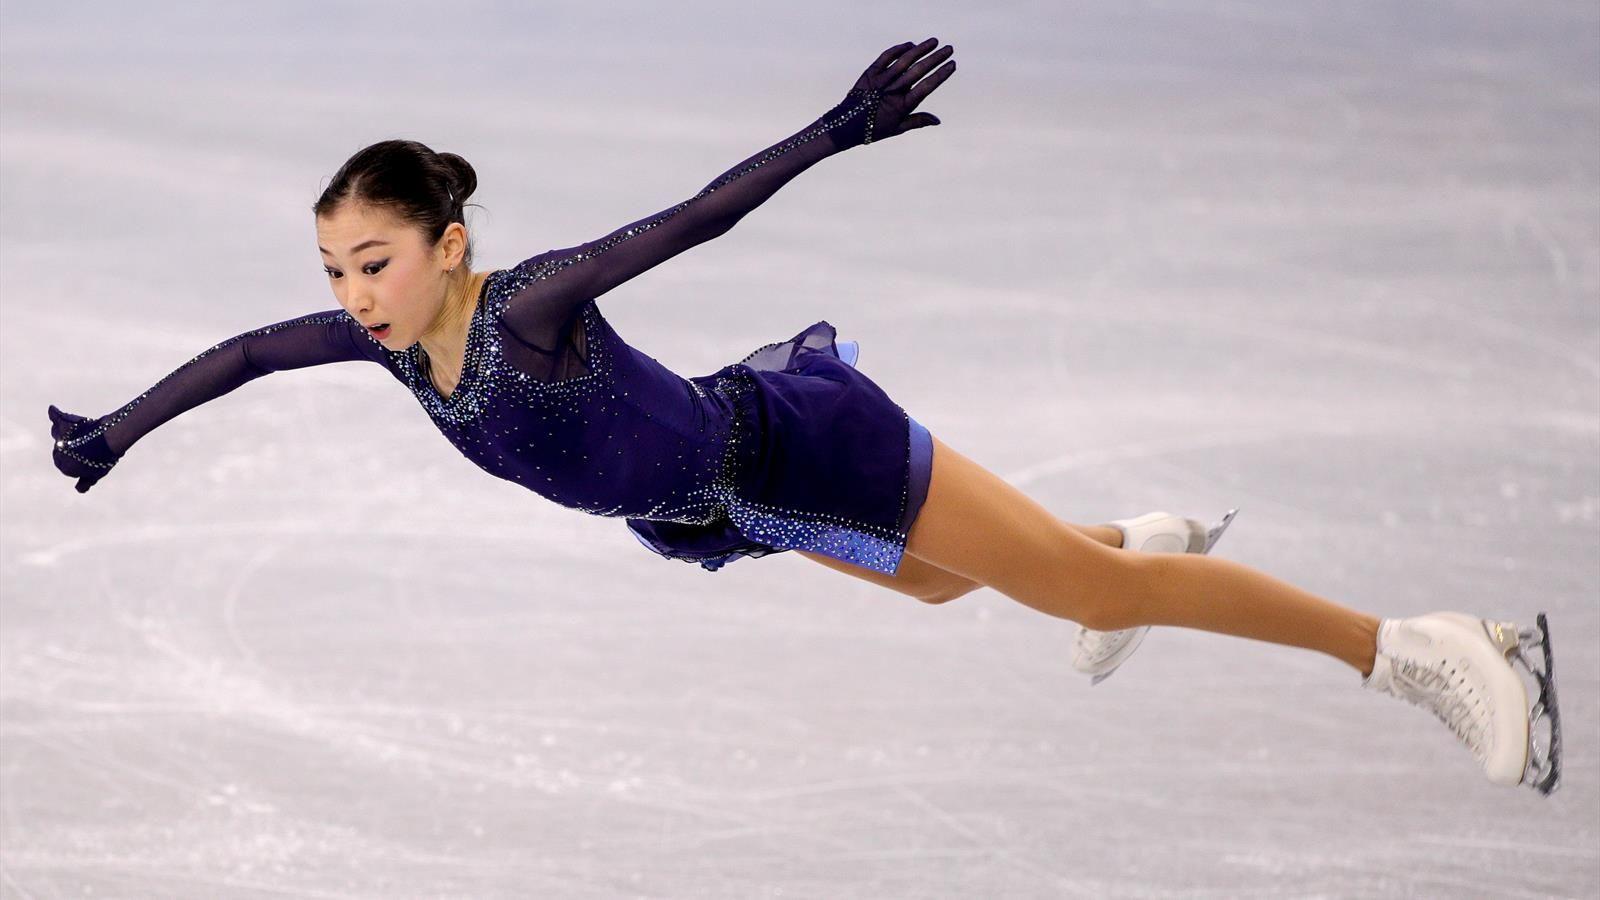 Серебро для Элизабет ТУРСЫНБАЕВОЙ: девушка из Казахстана победила на Универсиаде